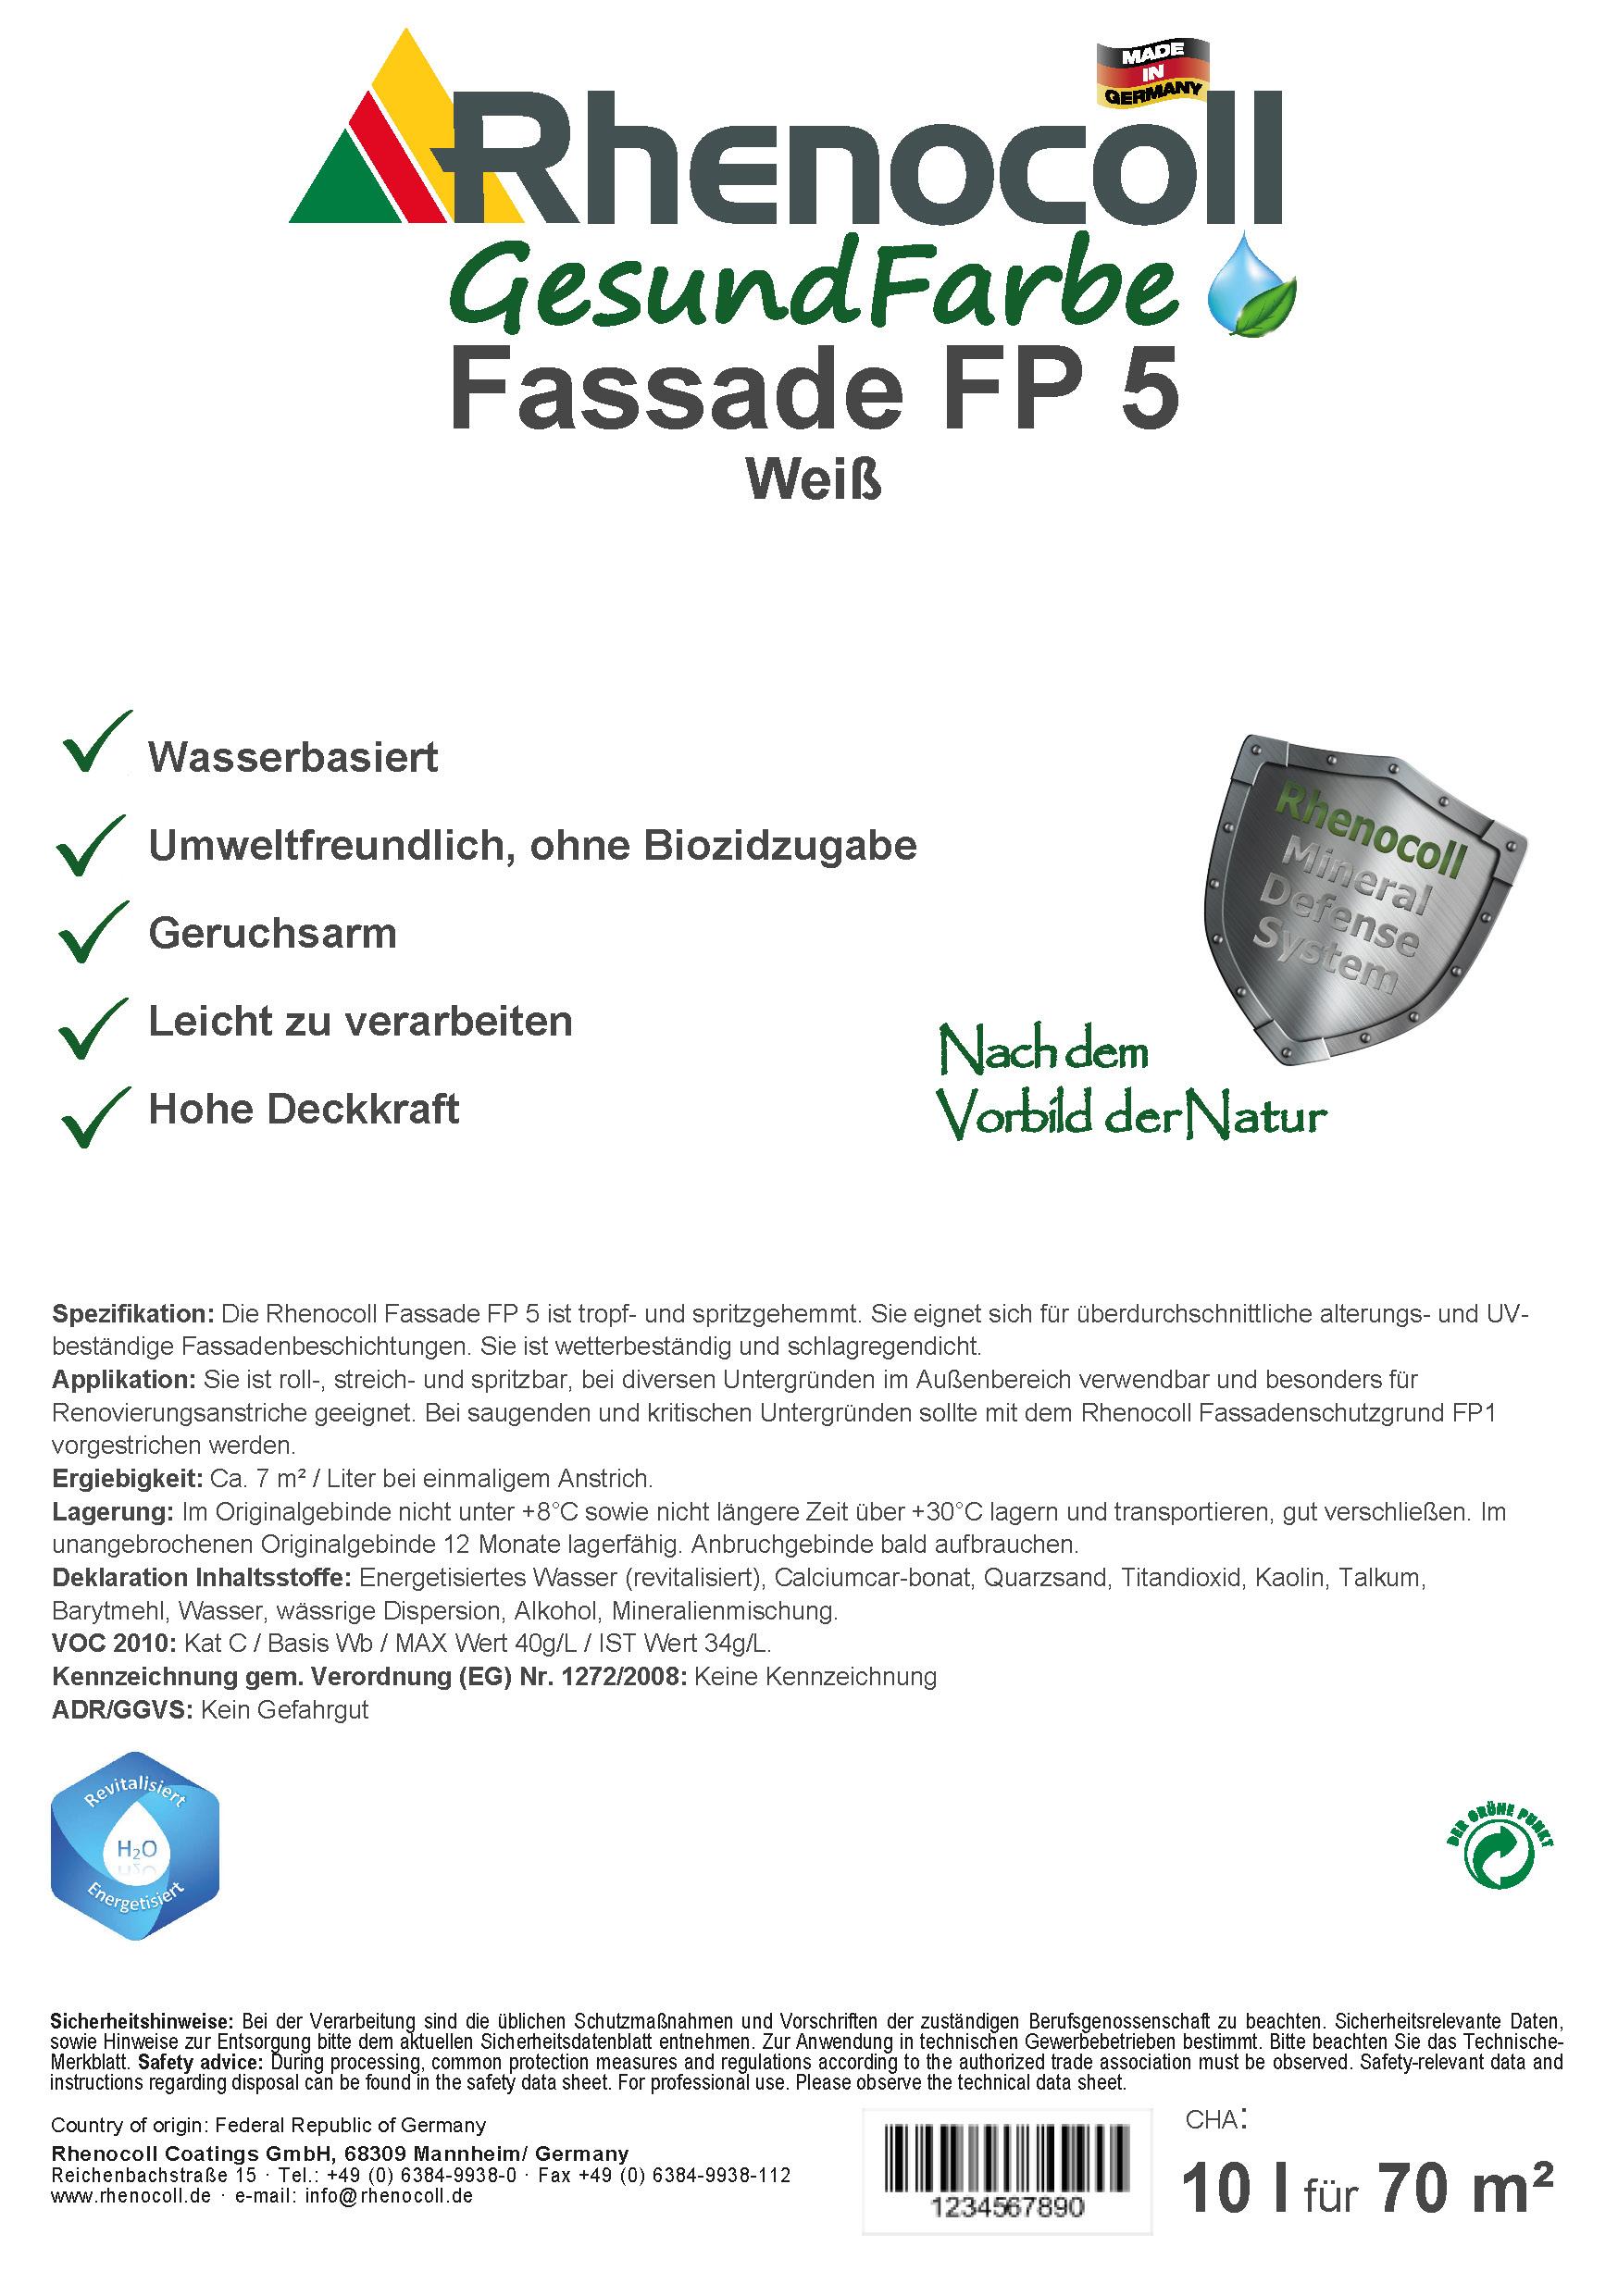 Fassade FP5